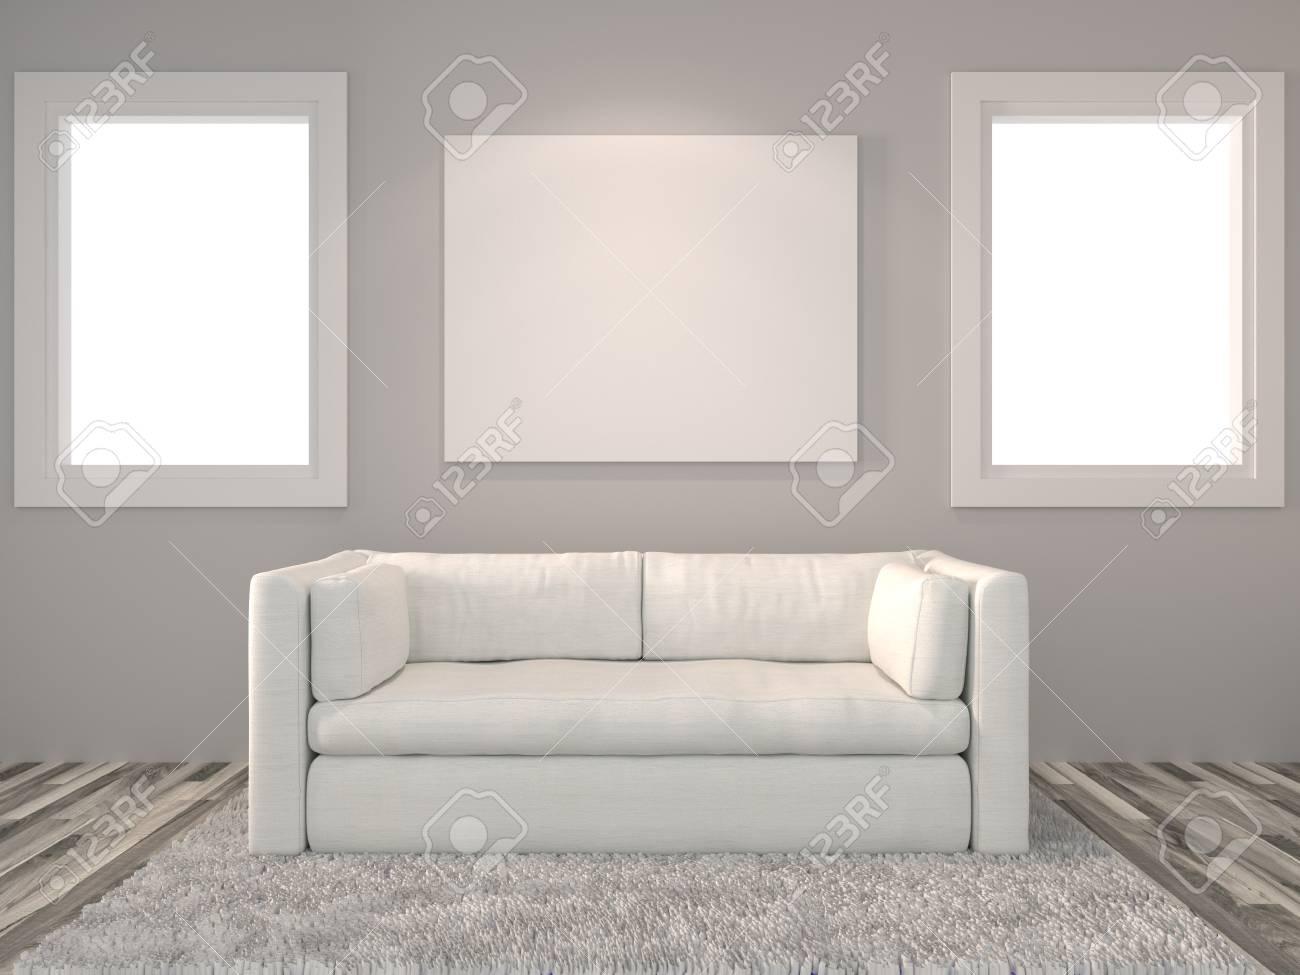 Moderne Inter Wohnzimmer Mit Weißen Fenster Und Einem Schönen Weißen Sofa  Möbel